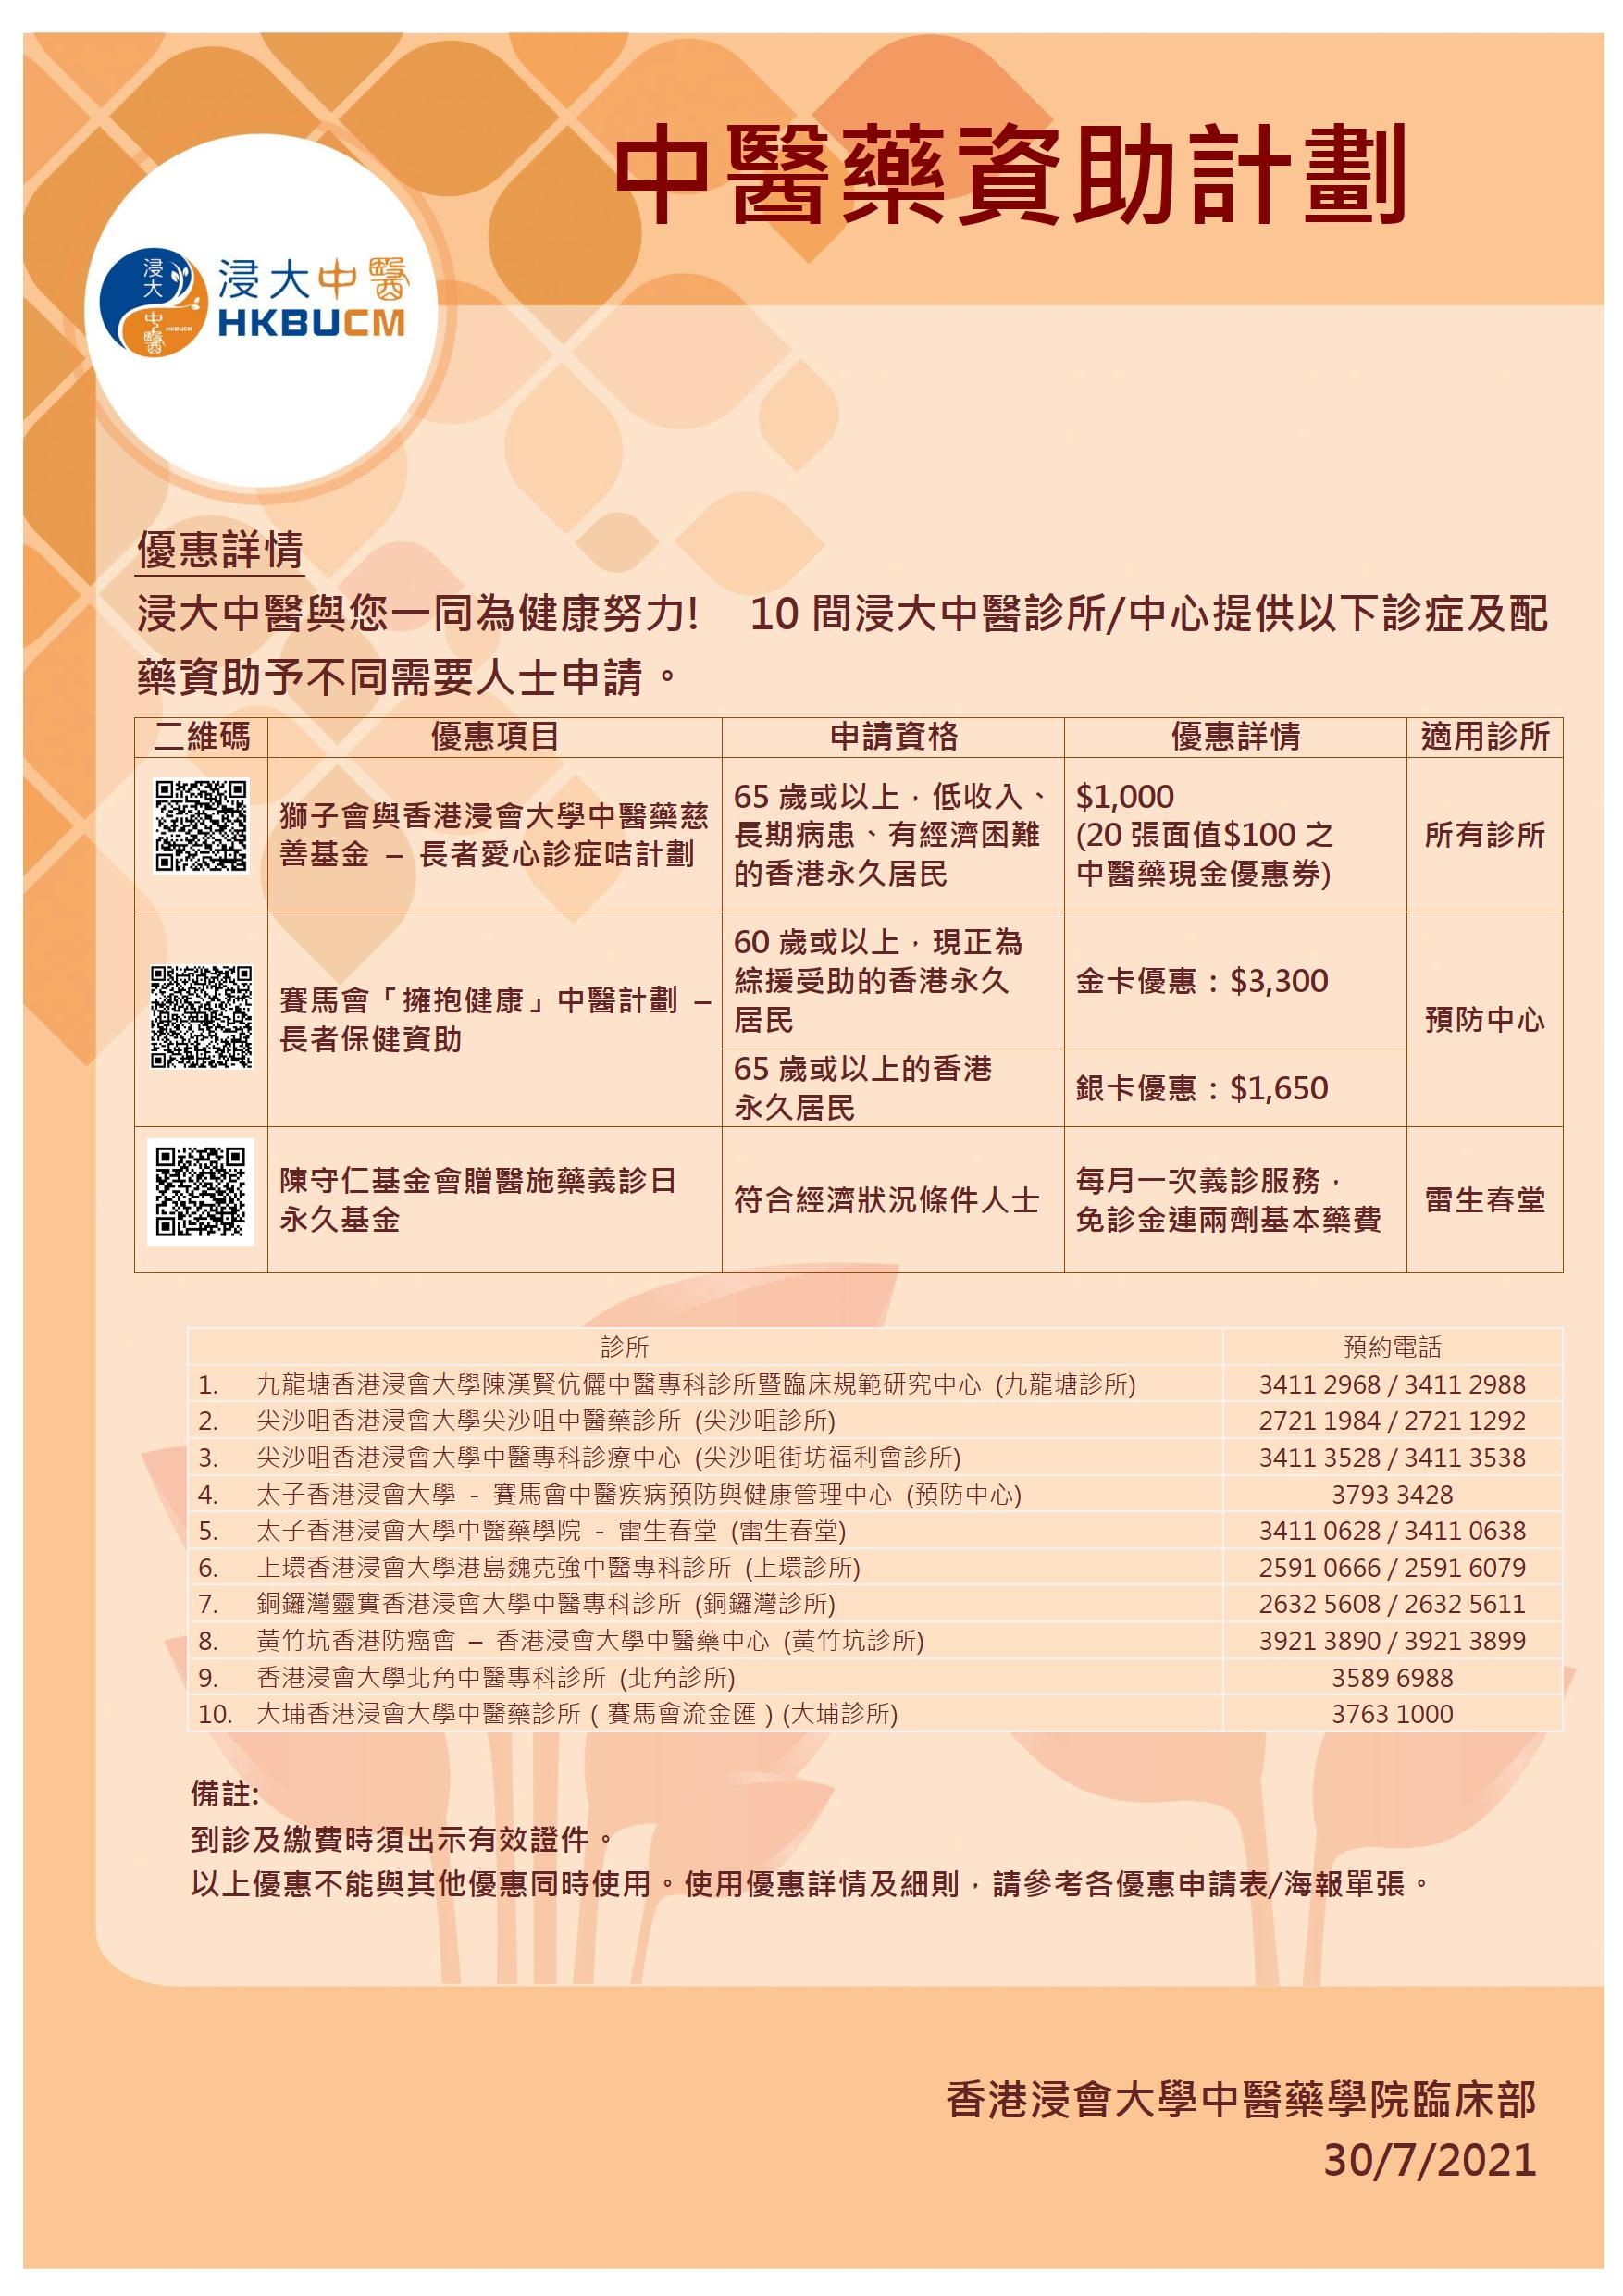 中醫藥資助計劃